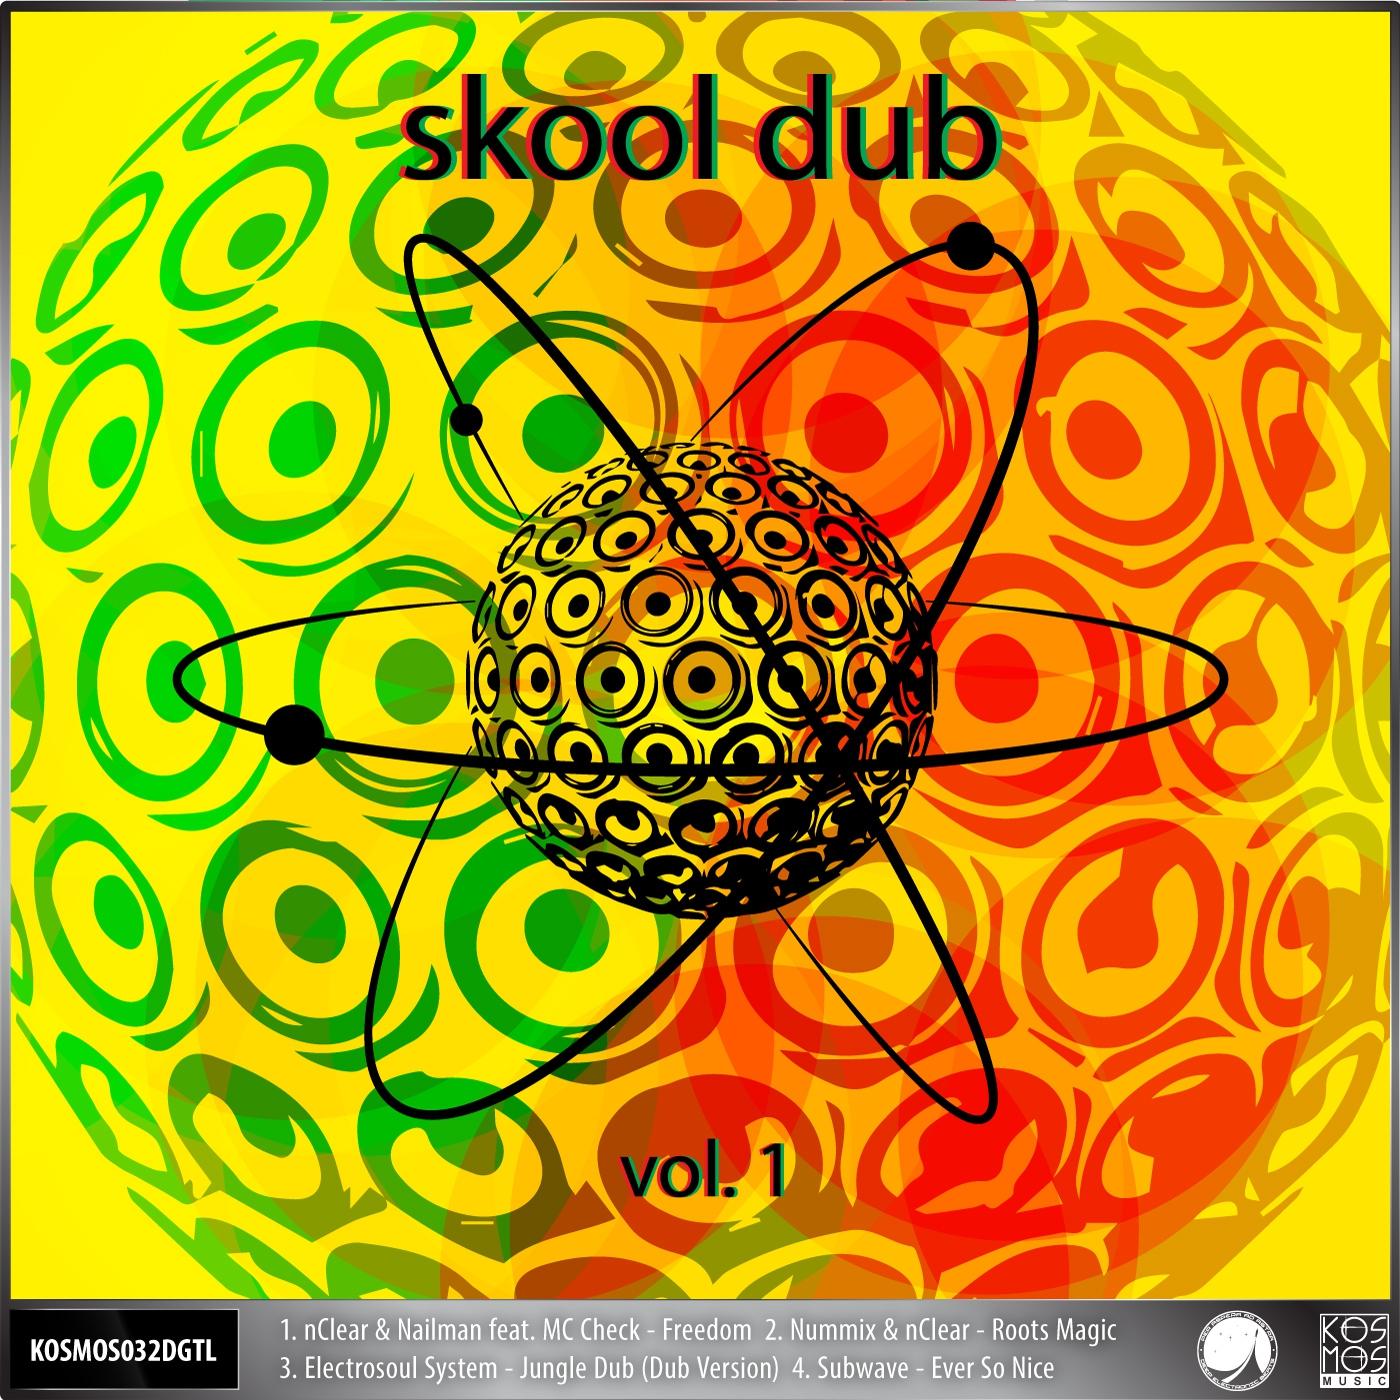 Subwave - Ever So Nice (Original Mix)